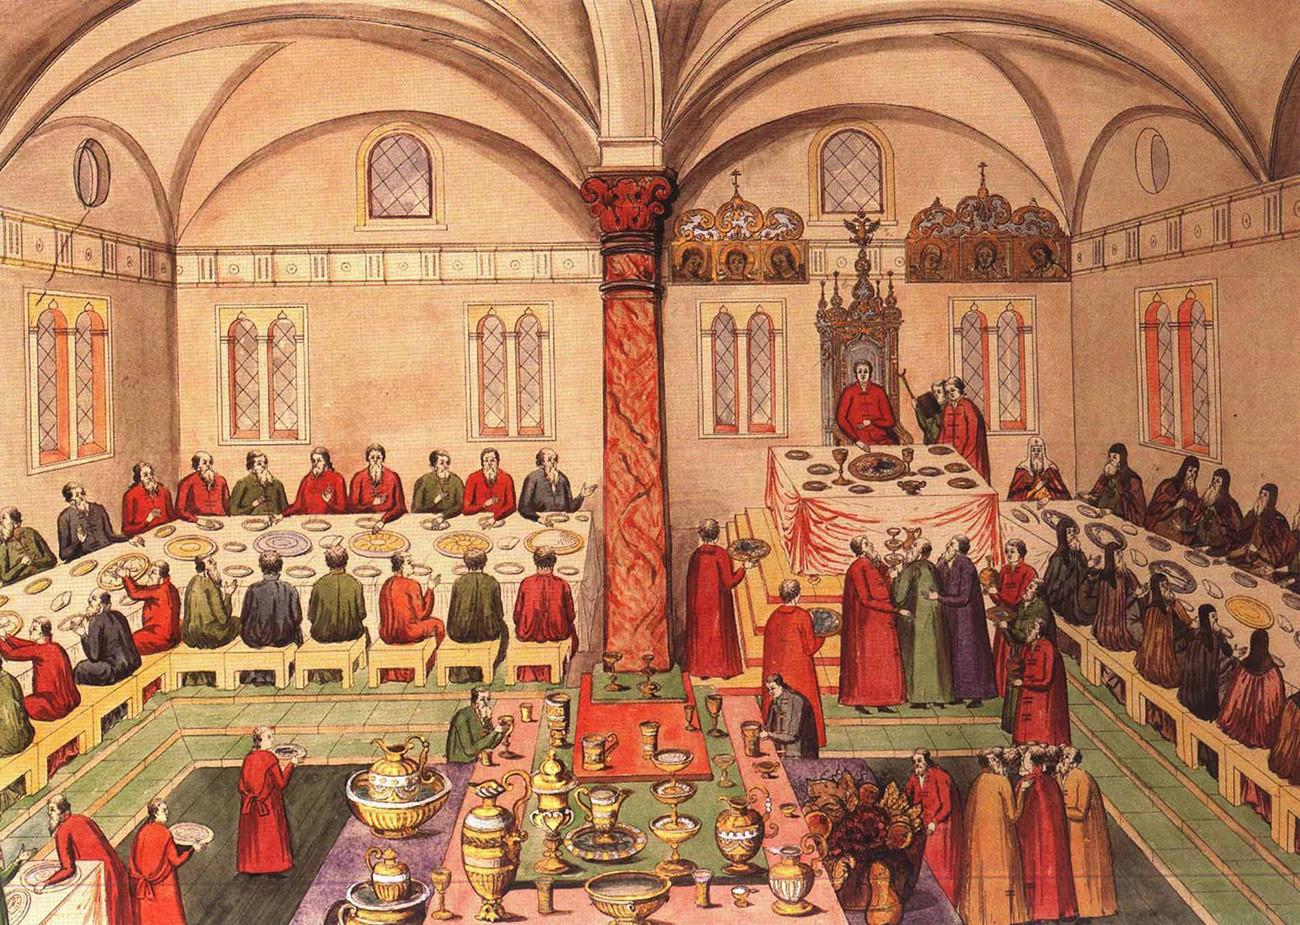 La fiesta del zar en el Palacio de las Facetas en el Kremiln de Moscú, 1673